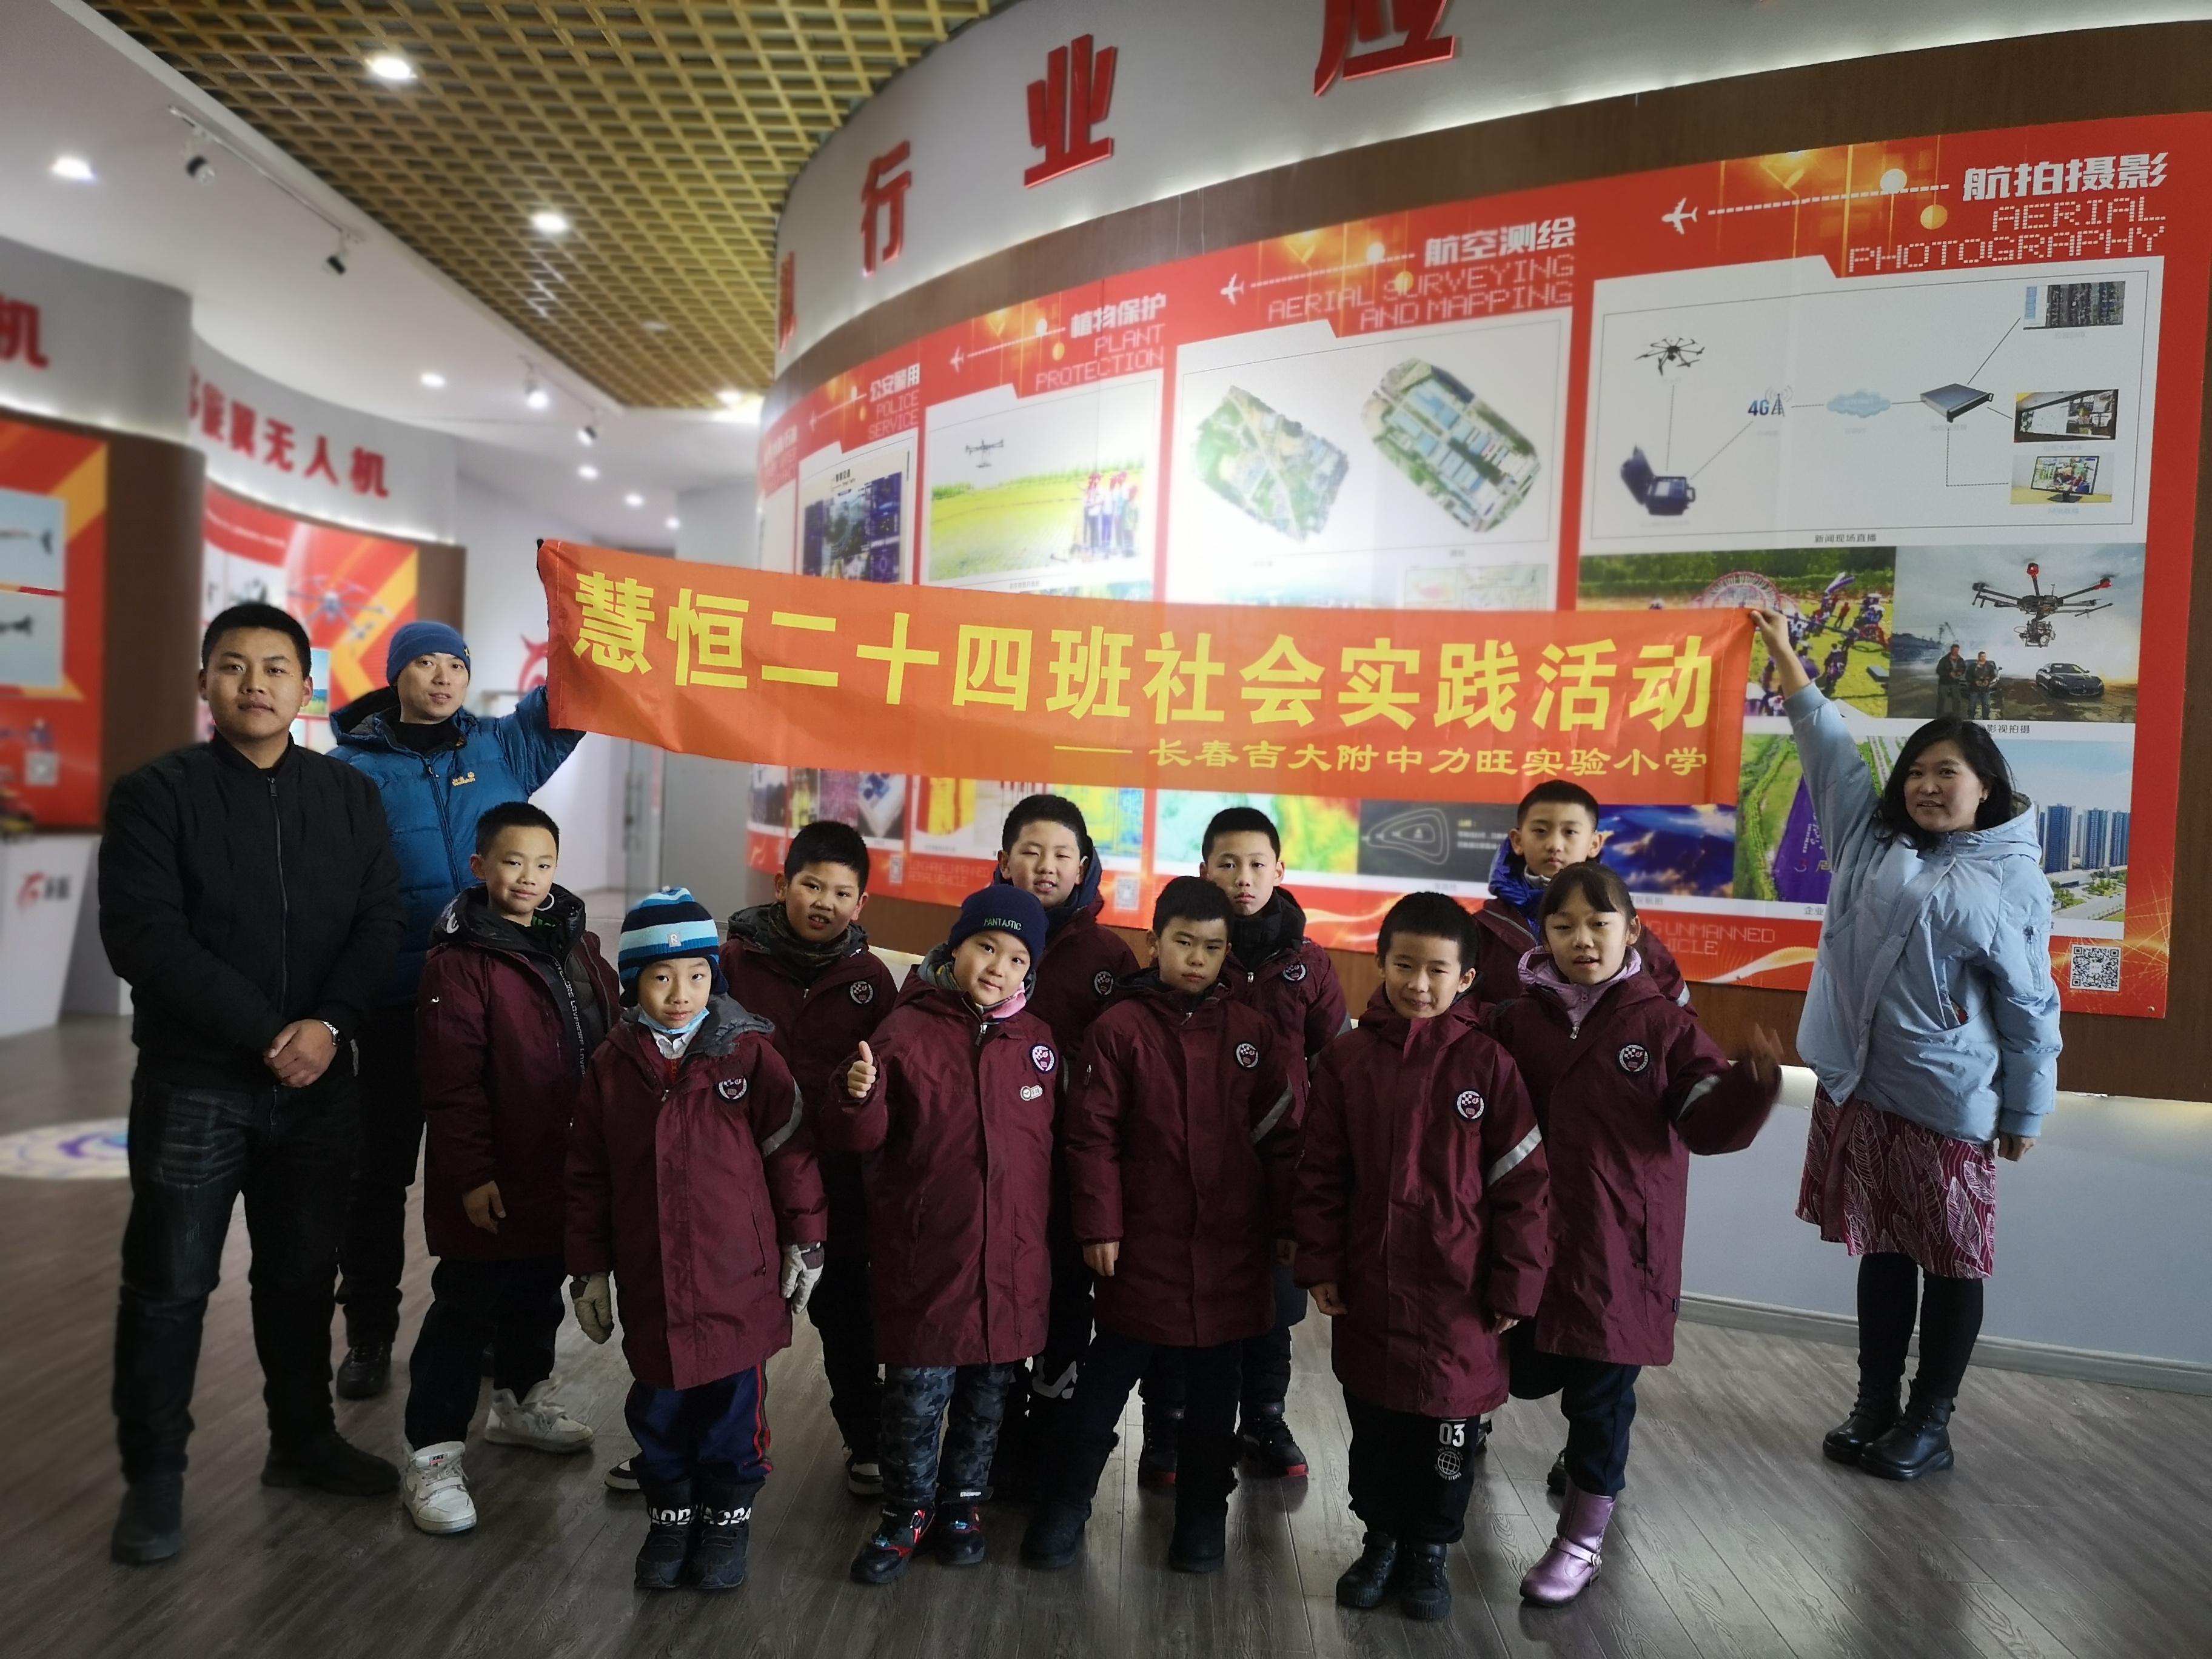 <b>长春吉大附中力旺实验小学来到中科智航实训基地进行实践活动</b>